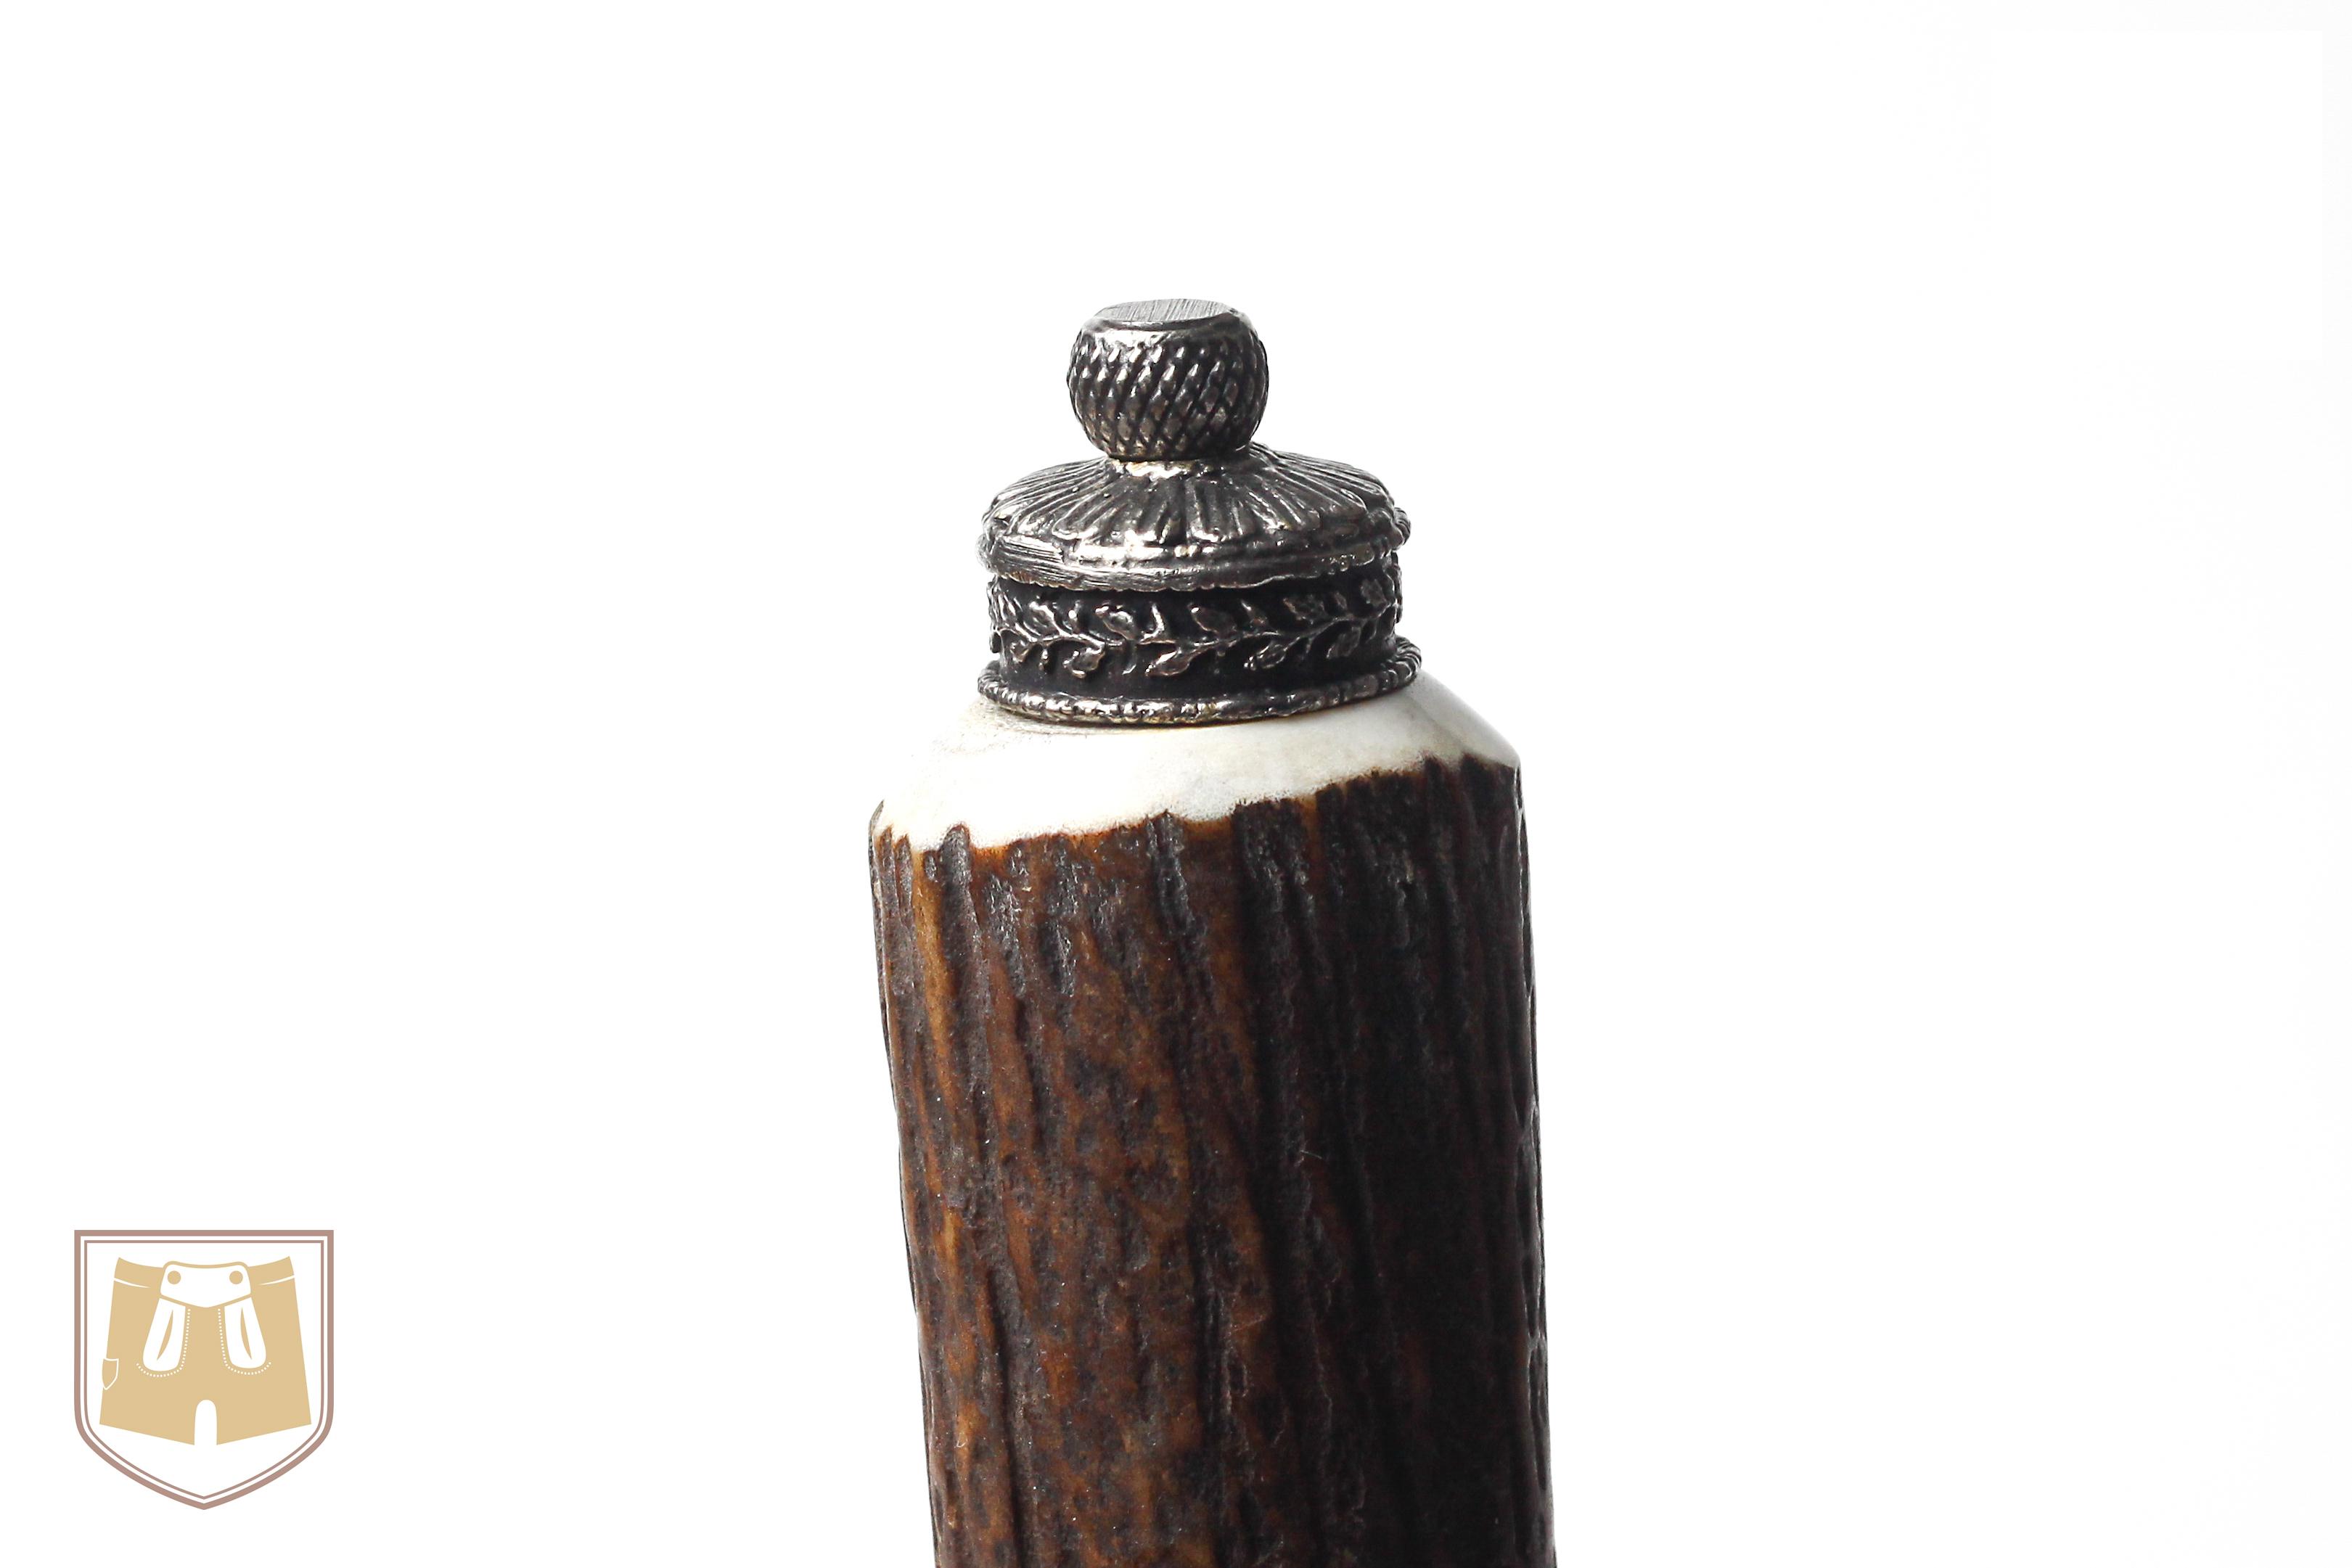 Bayerisches Trachtenflascherl mit kleiner Schnupftabakdose als Abschlussfigur